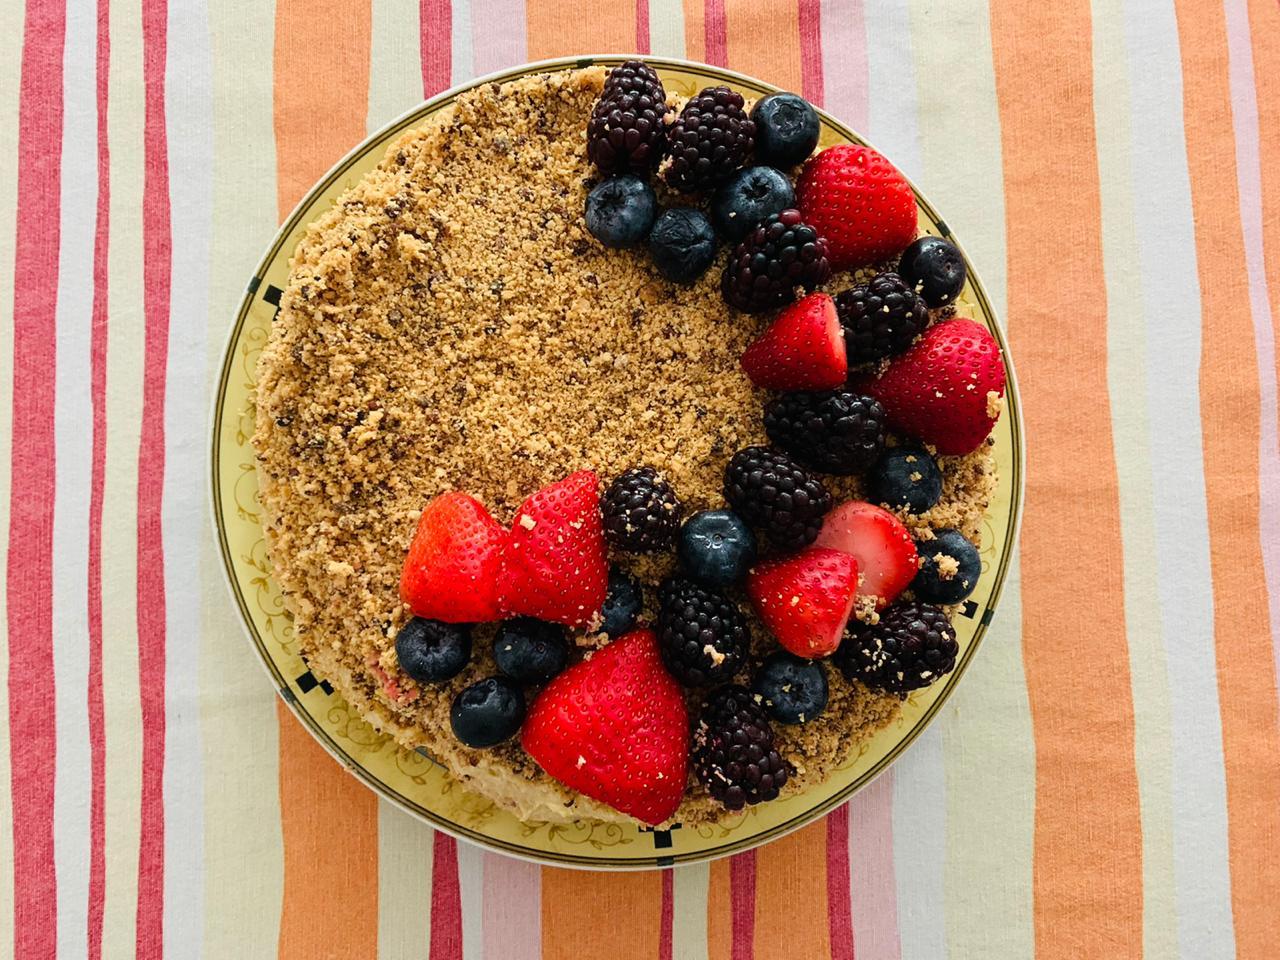 Prepara una rica tarta de café y cacao con jocoque y frutos rojos